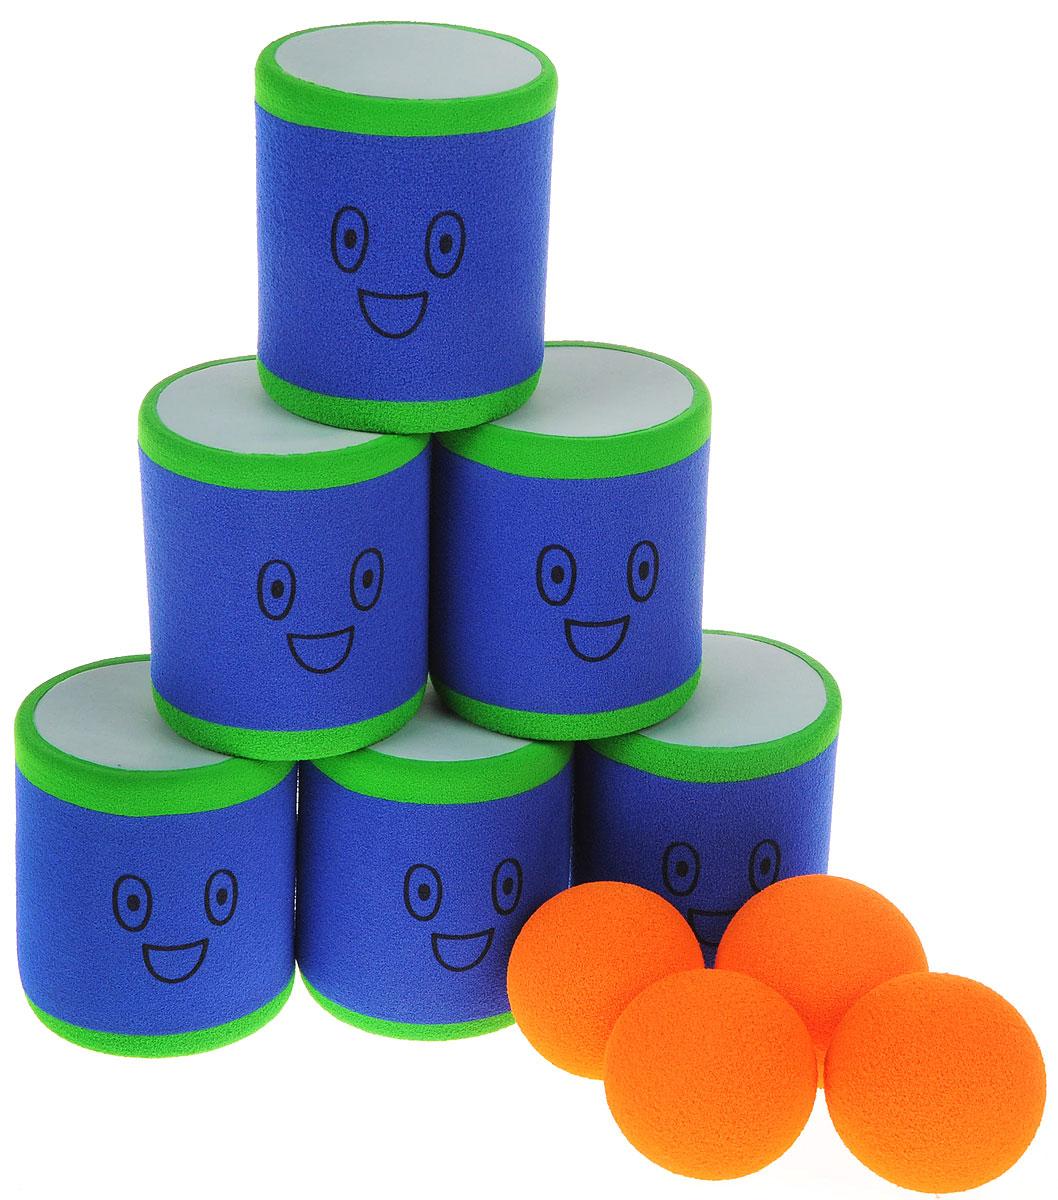 Safsof Игровой набор Городки цвет синий зеленый оранжевыйAT-02N(B)_синий,зеленый,оранжевыйИгровой набор Safsof Городки, изготовленный из вспененной резины и полимерных материалов, состоит из шести ярких банок и четырех мячиков. Цель игры: выбить как можно больше фигур, построенных из трех и более городков (банок), мячами с определенного расстояния. Каждый участник сбивает фигуру с одного и того же расстояния, на каждую фигуру дается три броска. Если игроку удается сбить фигуру с первого броска, он получает 3 балла, со второго - 2 и с третьего - 1. Выигрывает тот участник, который набирает большее количество баллов. Благодаря яркой расцветке и легкому и безопасному материалу, с этим набором можно играть не только на улице, но и дома. Набор поставляется в удобной пластиковой сумке с ручками.